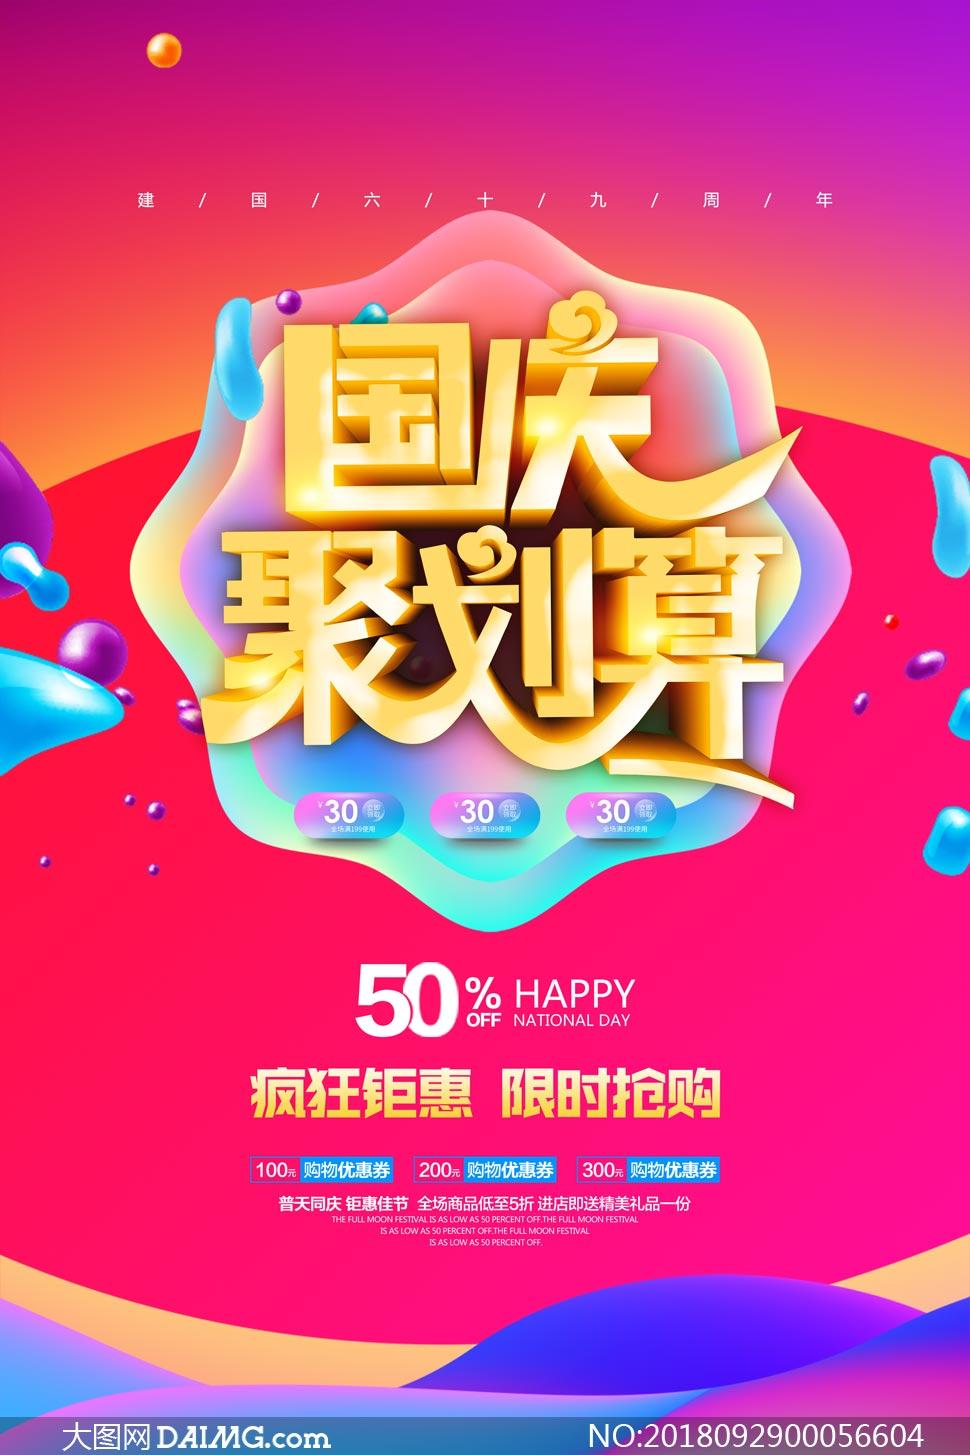 国庆聚划算宣传单设计PSD素材